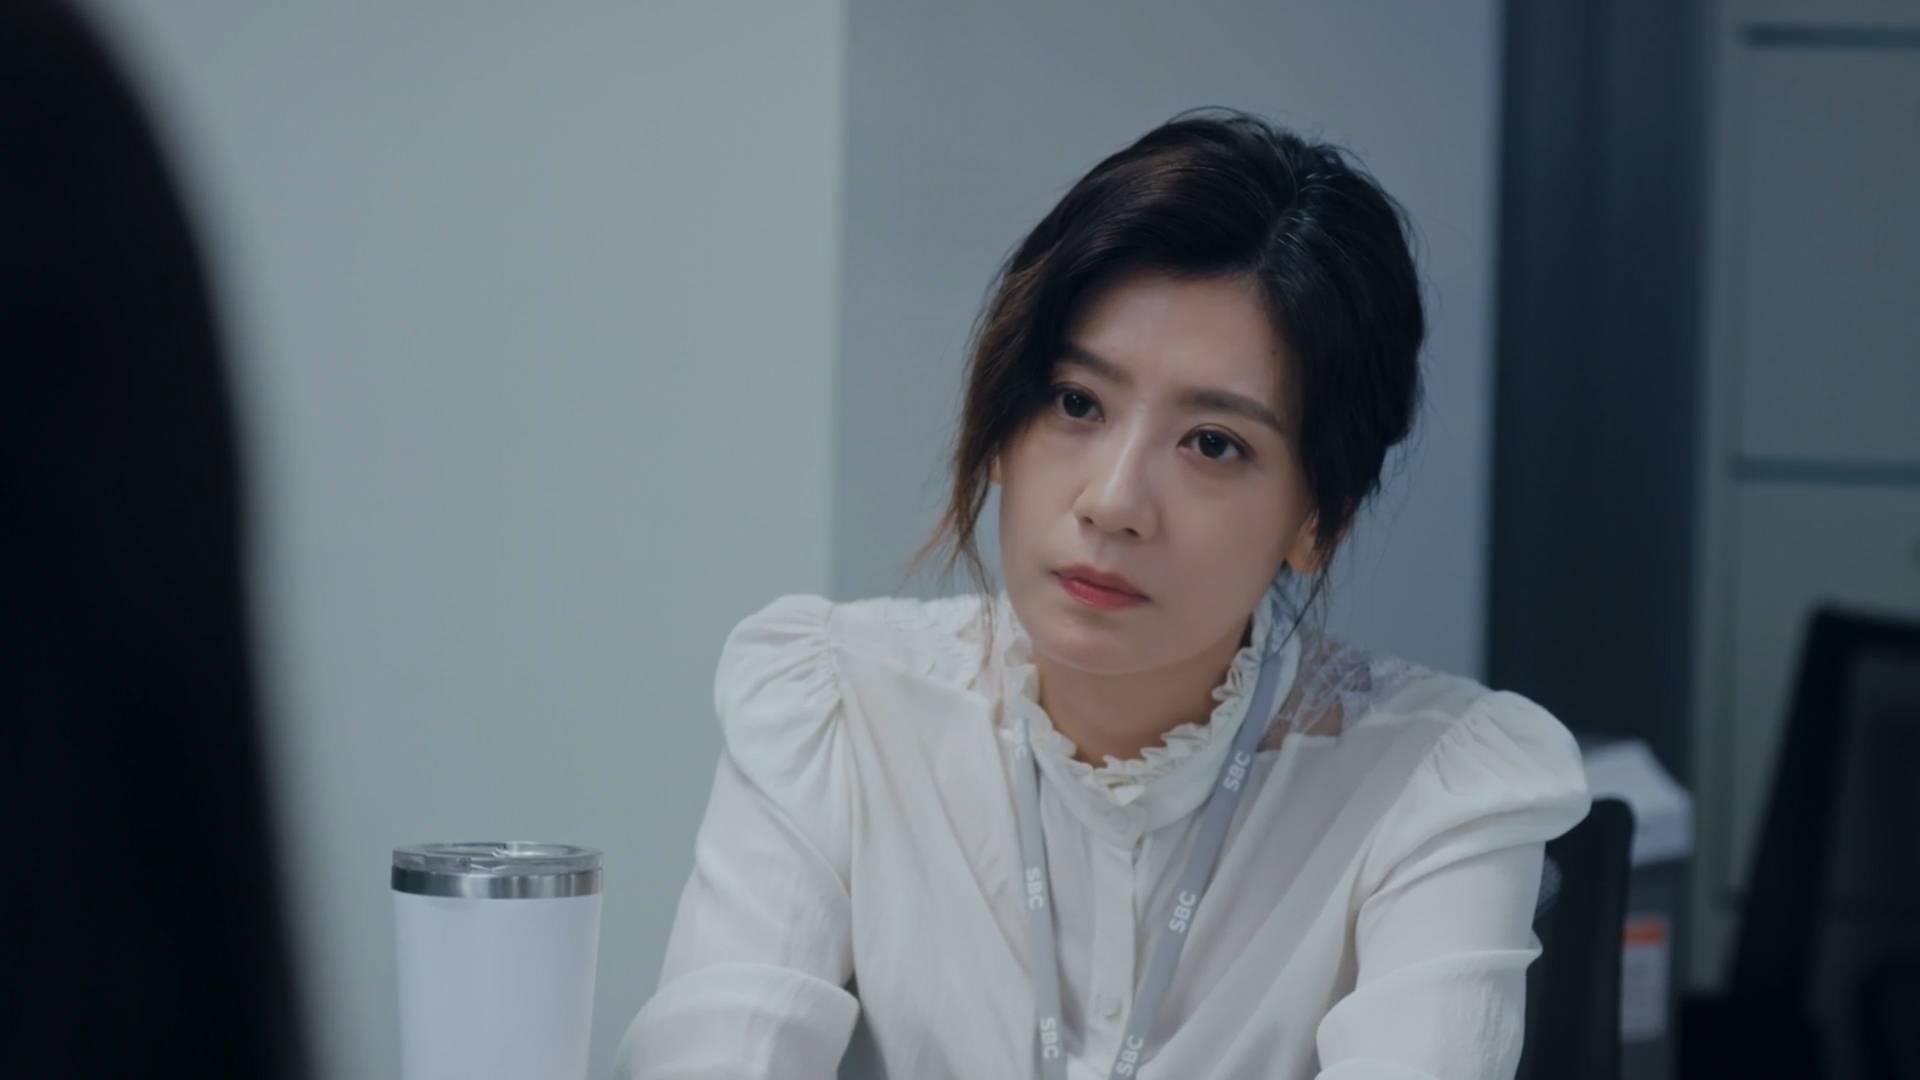 豆瓣9.5分,2019年热搜榜第一的电视剧,贾静雯演技炸裂!